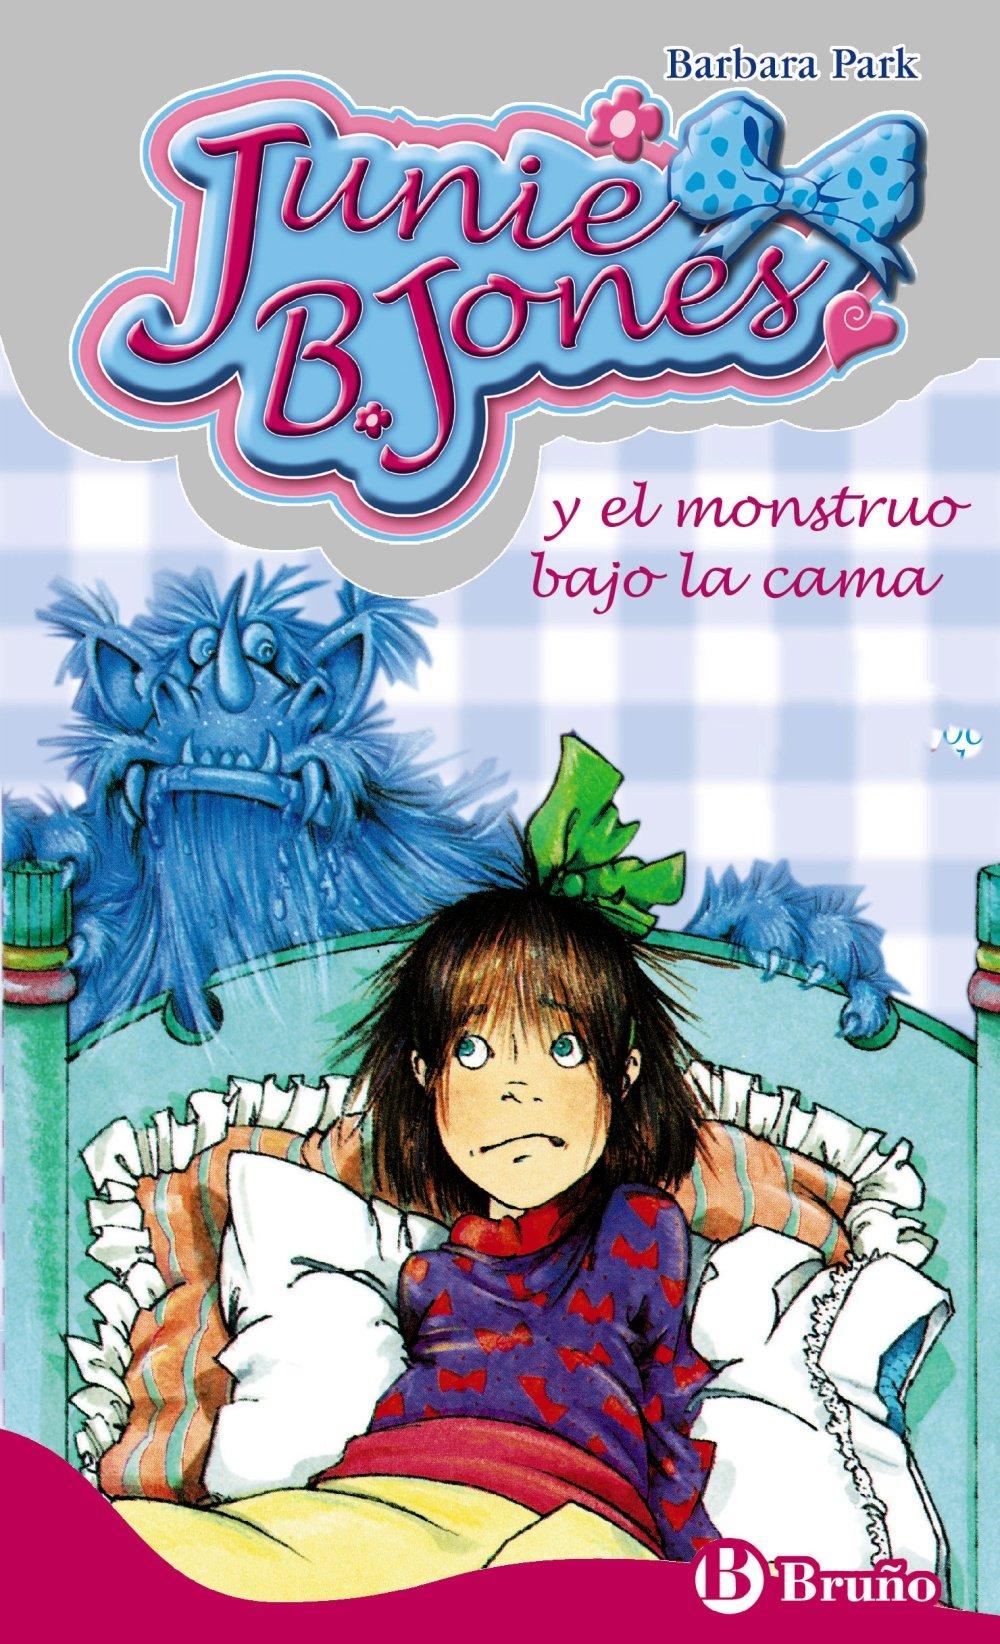 Junie B Jones Y El Monstruo Bajo La Cama Castellano A Partir De 6 Años Personajes Y Series Junie B Jones Spanish Edition 9788421698495 Park Barbara Brunkus Denise